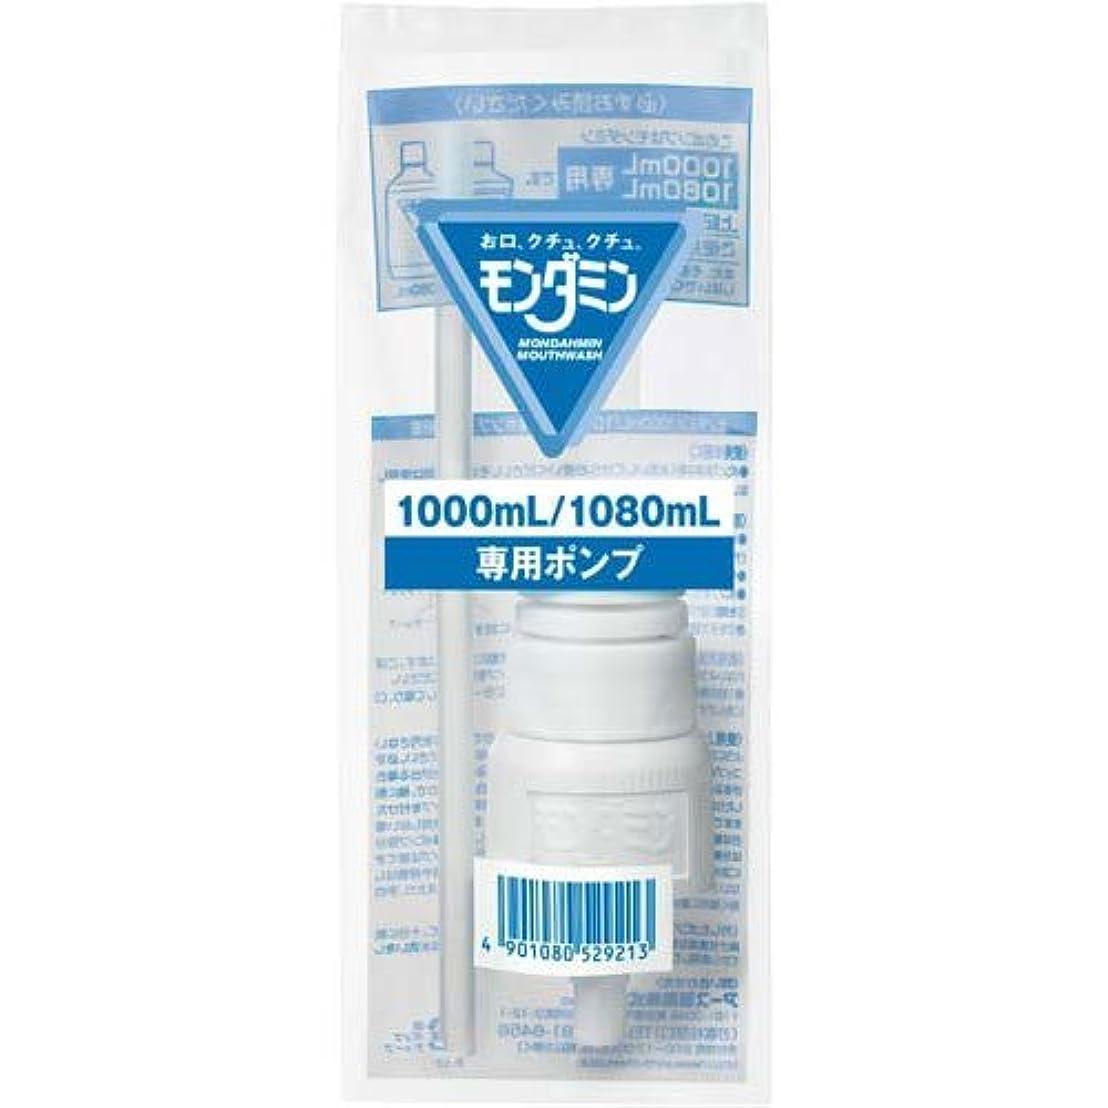 アンソロジー最小化する精査アース製薬 モンダミン1080ml専用ポンプ